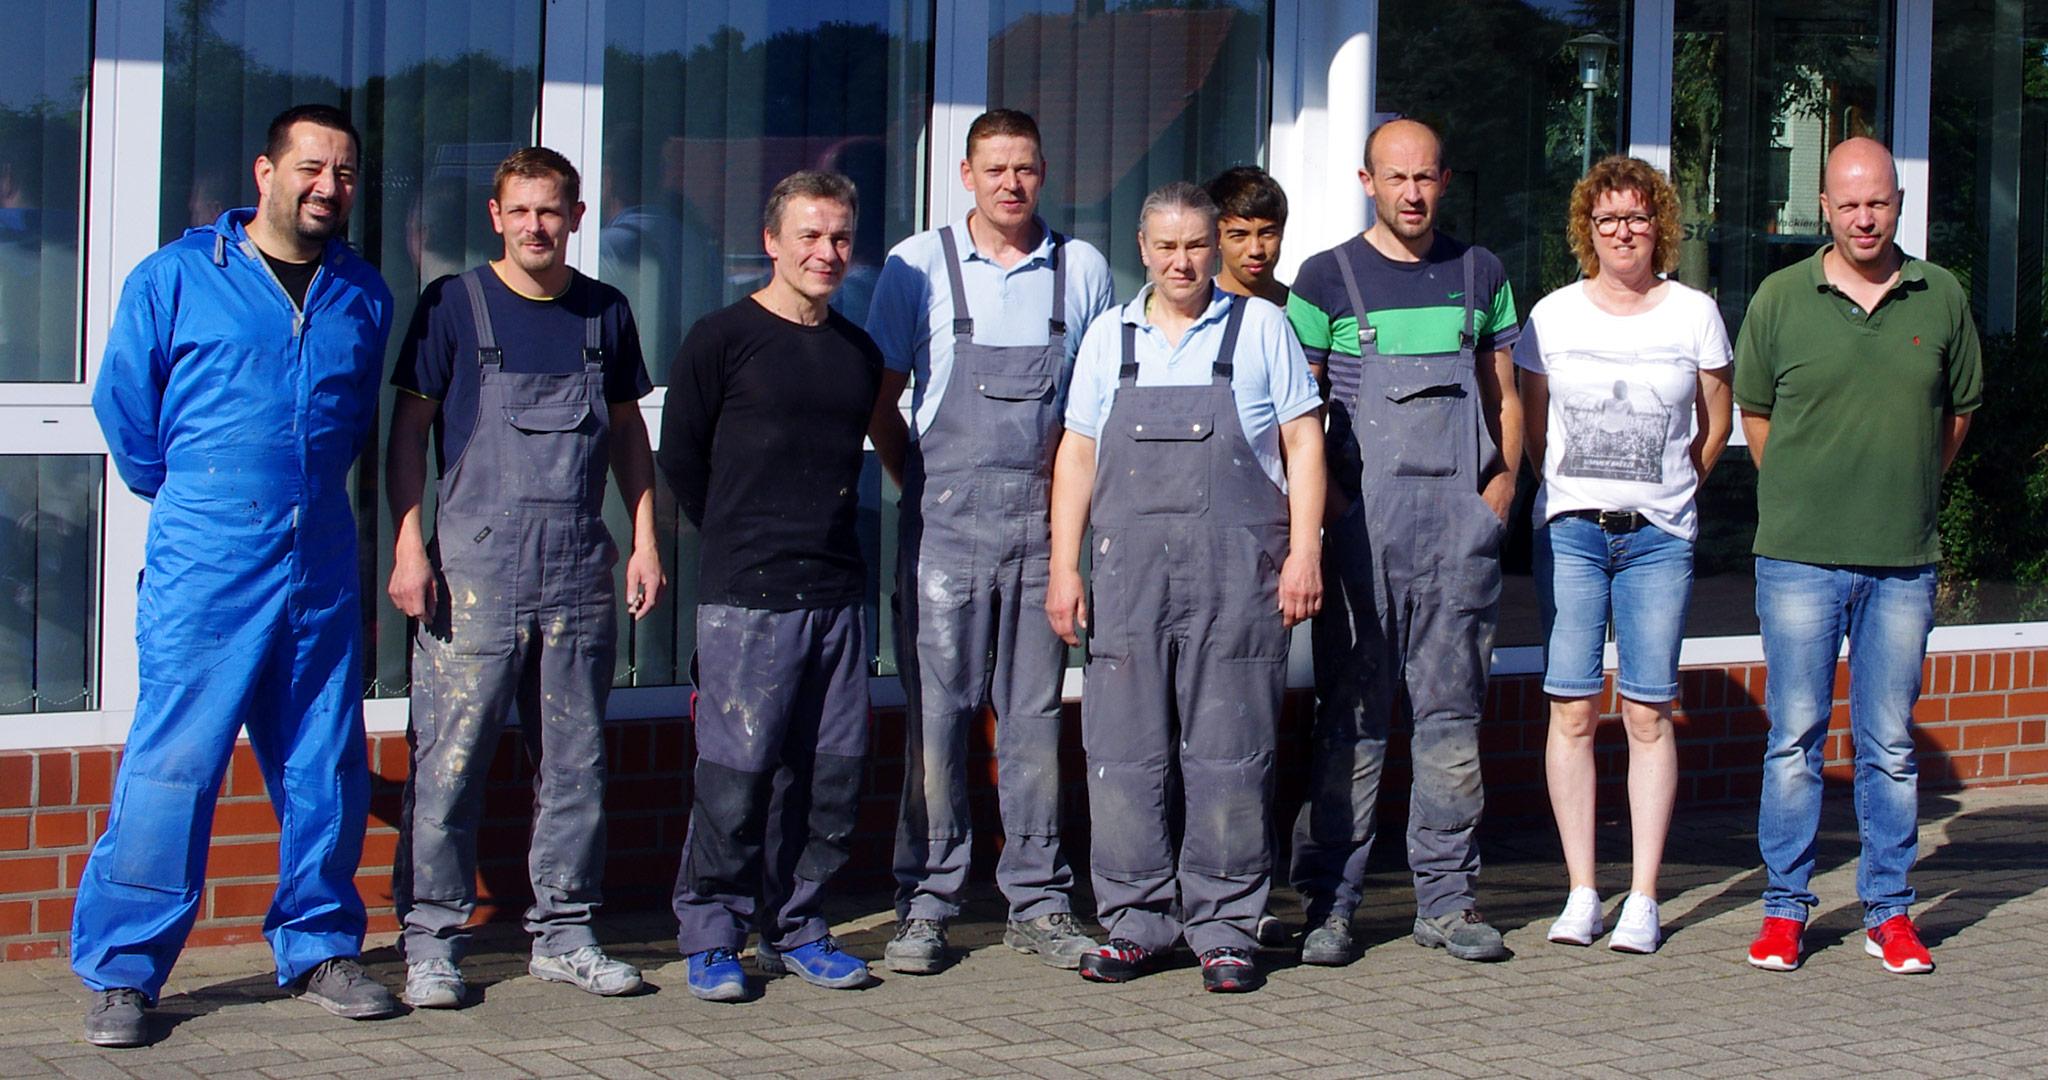 Das Team der Autolackiererei Polster in Ganderkesee